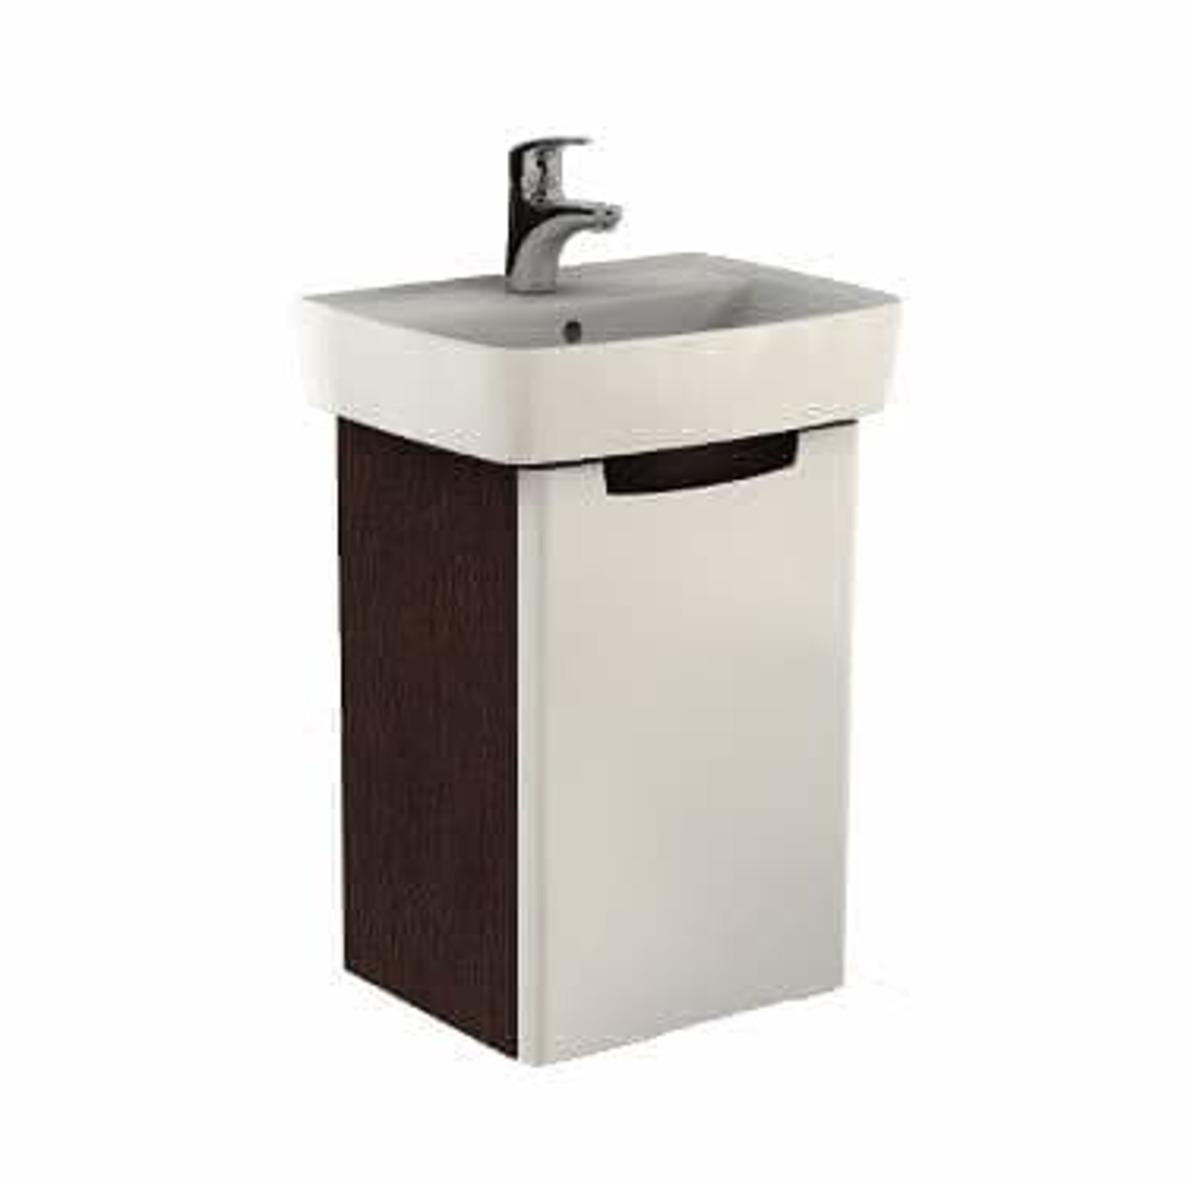 Koupelnová skříňka pod umyvadlo KOLO Rekord, 40 cm,wenge P/L 89544000